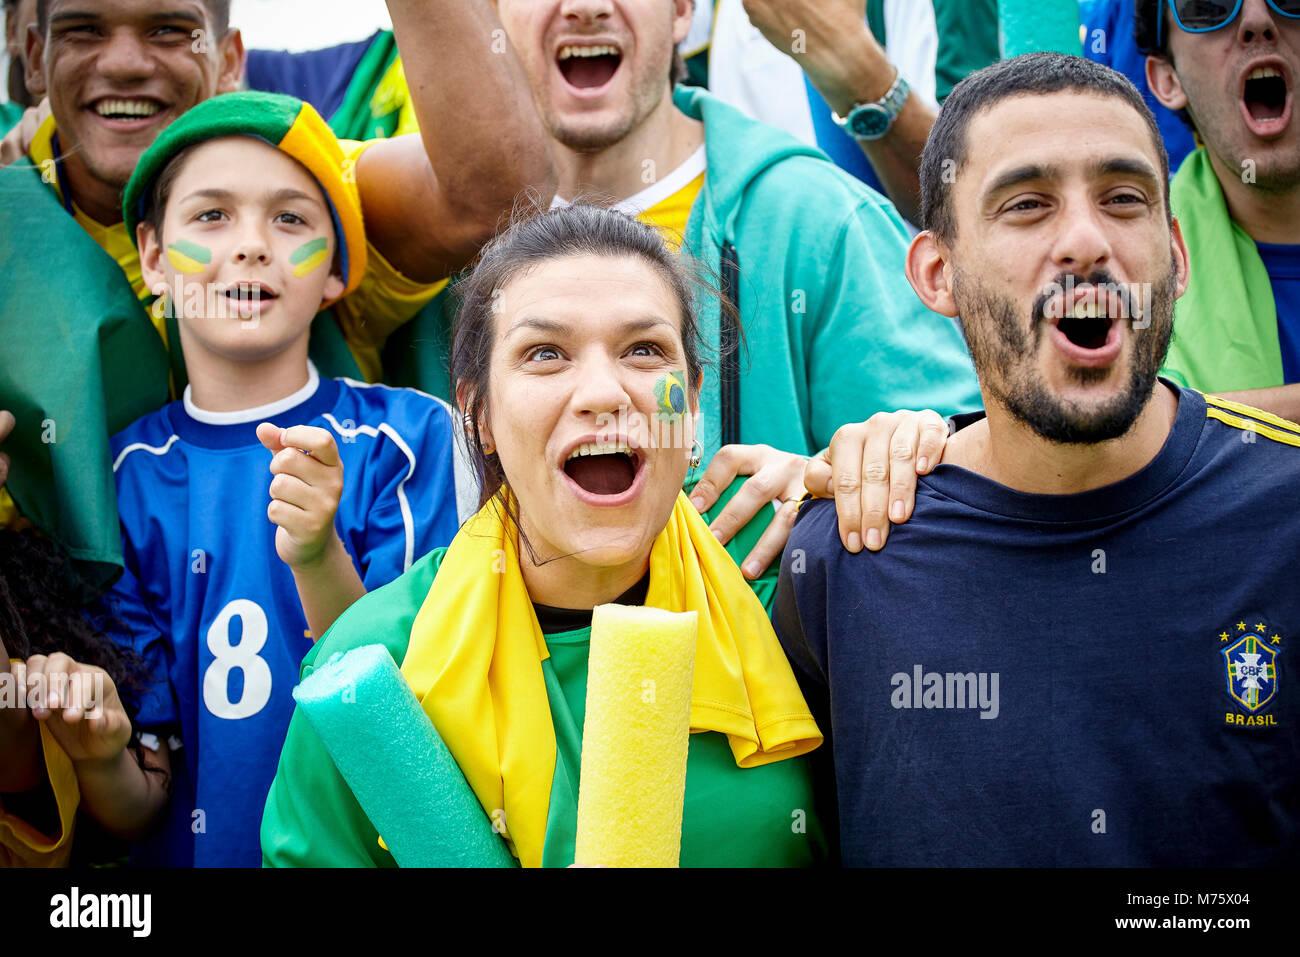 Brasilianischen Fußball-Fans am Fußballspiel Stockbild